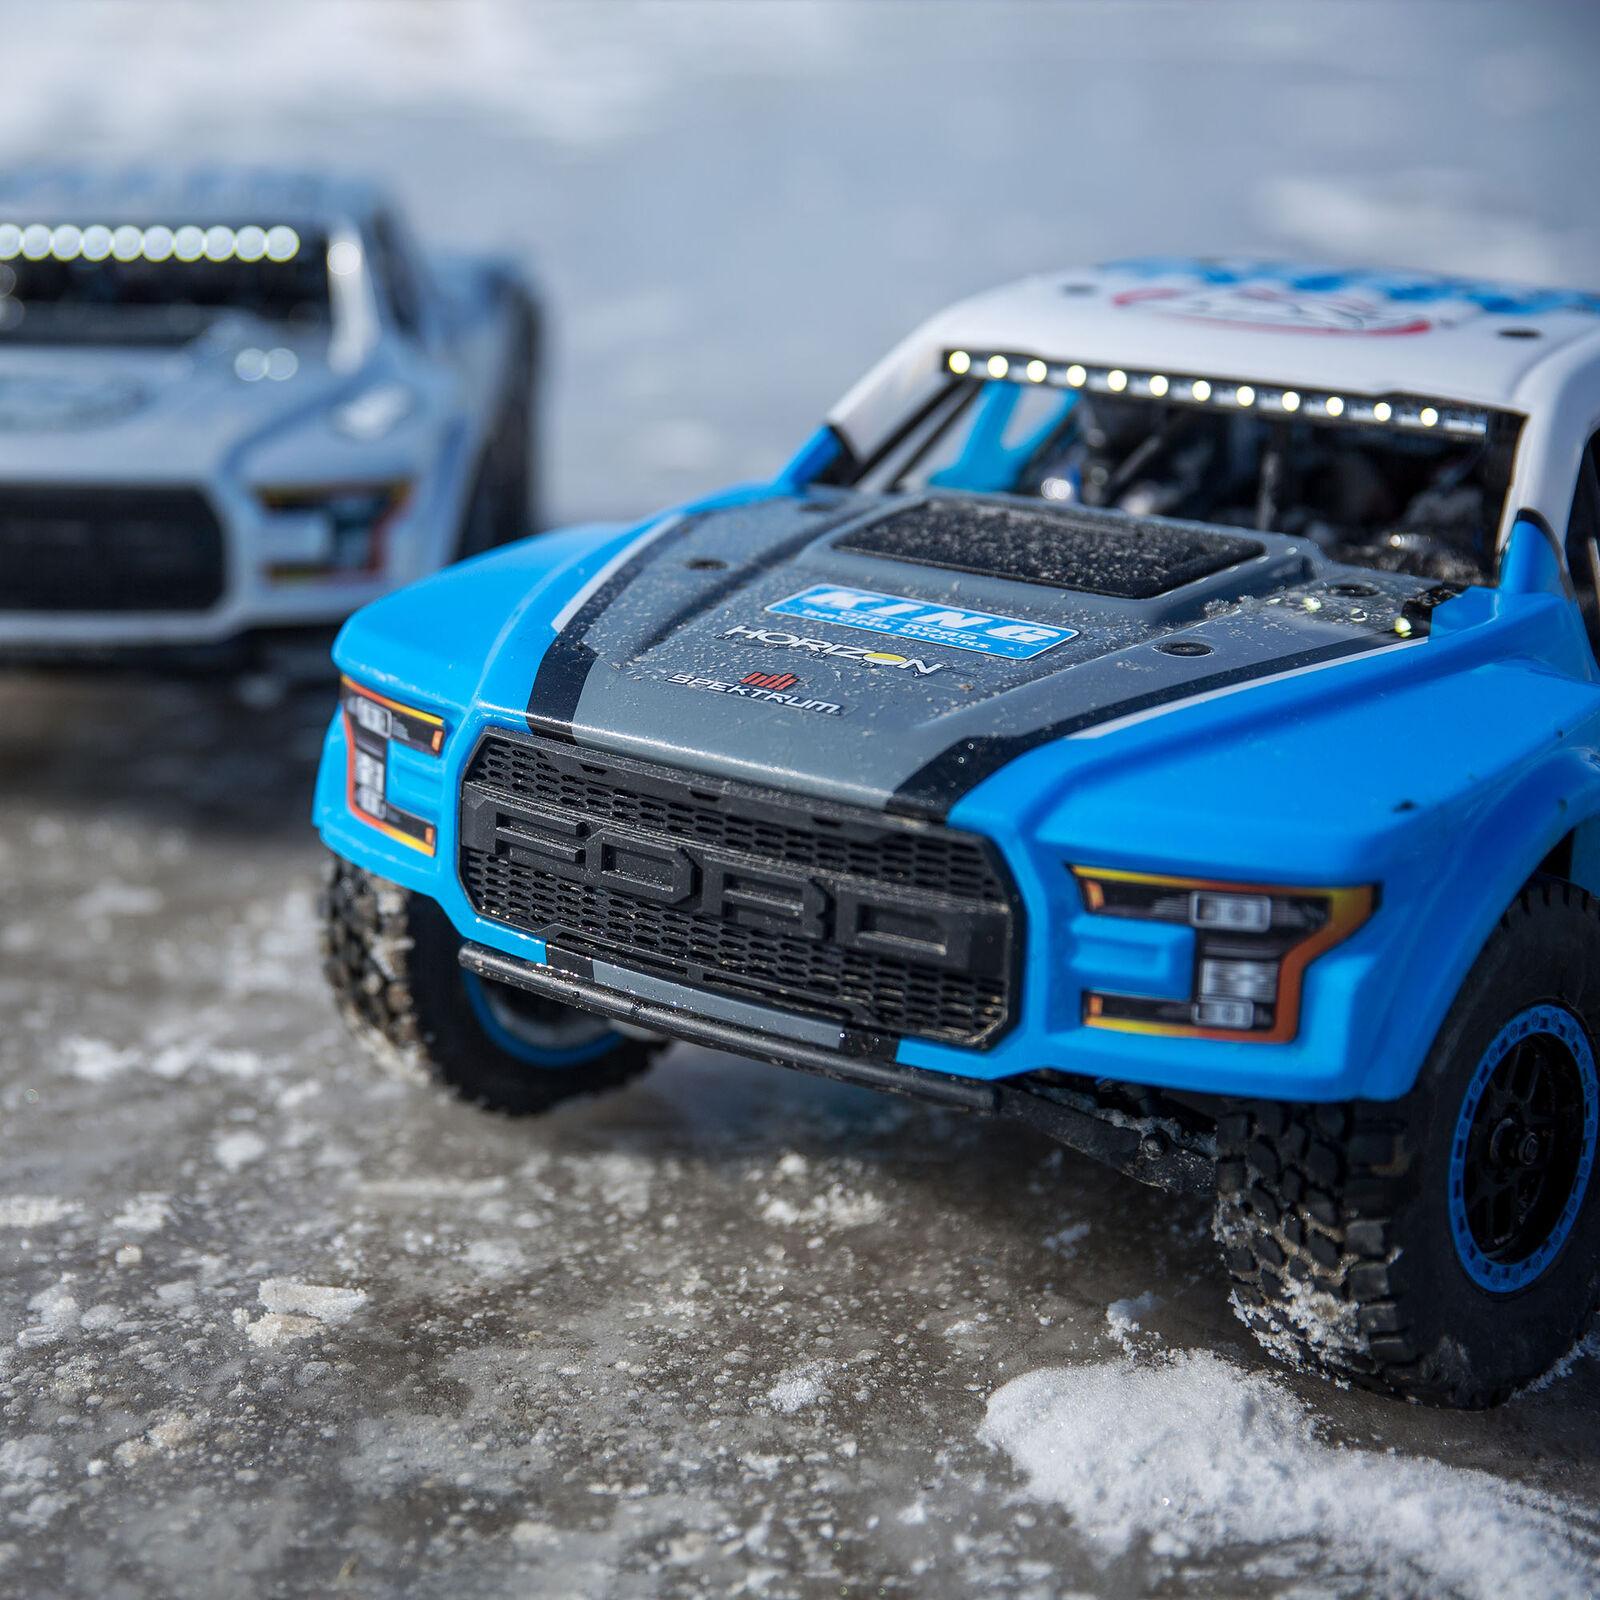 1/10 Ford Raptor Baja Rey 4WD Desert Truck Brushless RTR, King Shocks